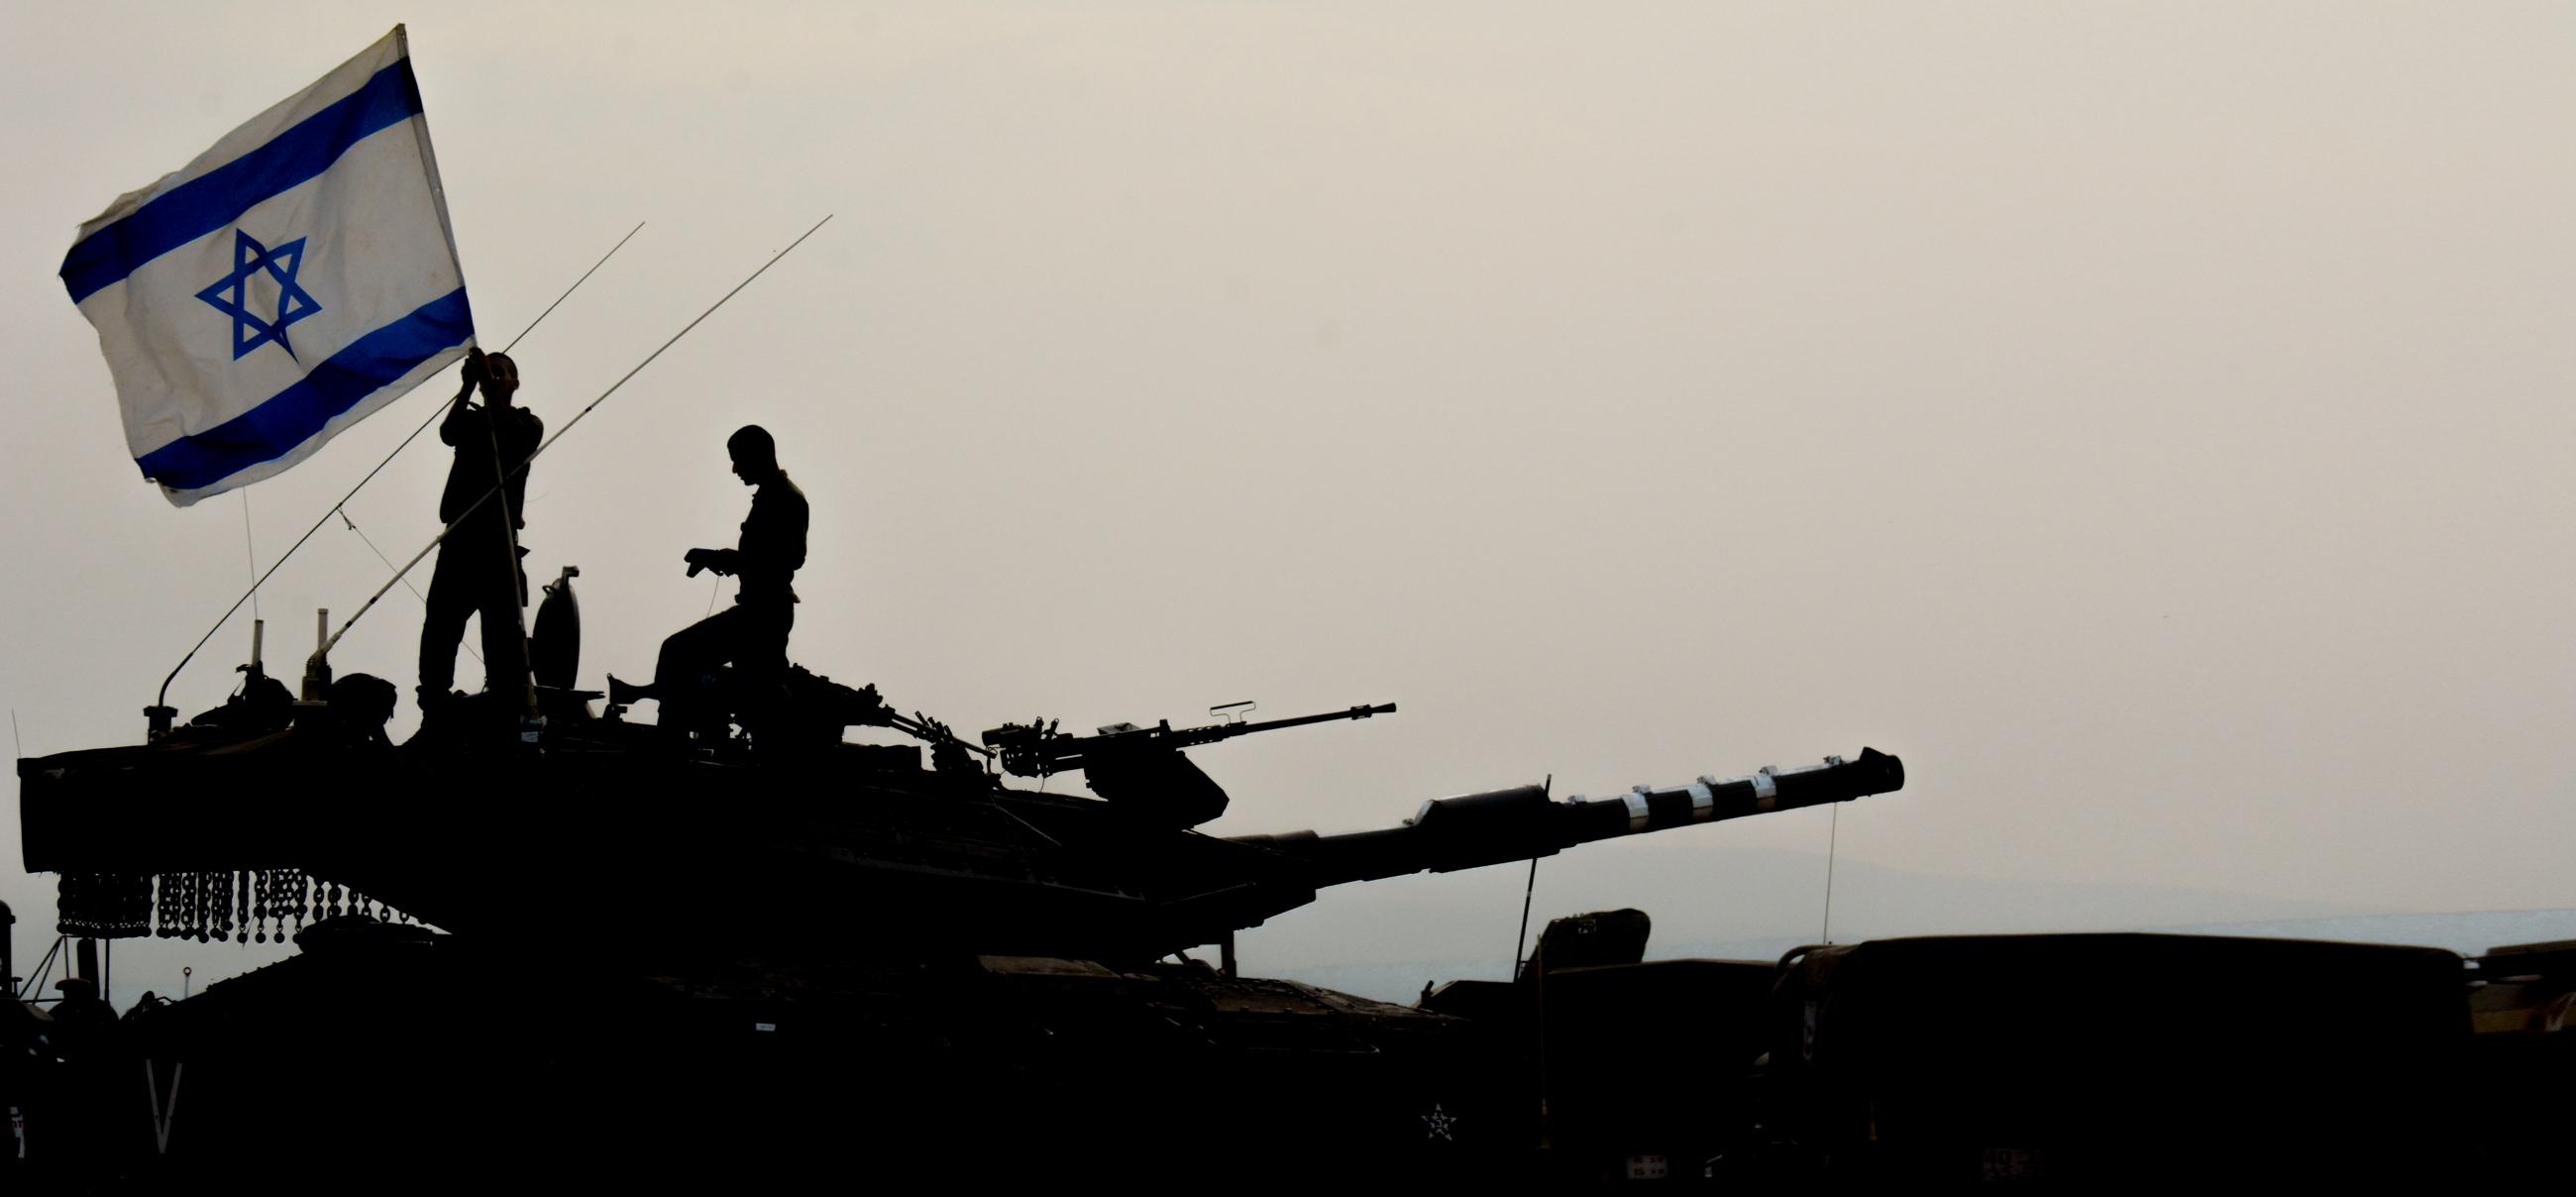 Israels Geschäft mit dem Tod <br>  <span id='sec-title'>Die geheimen Waffenlieferungen an Diktaturen</span>